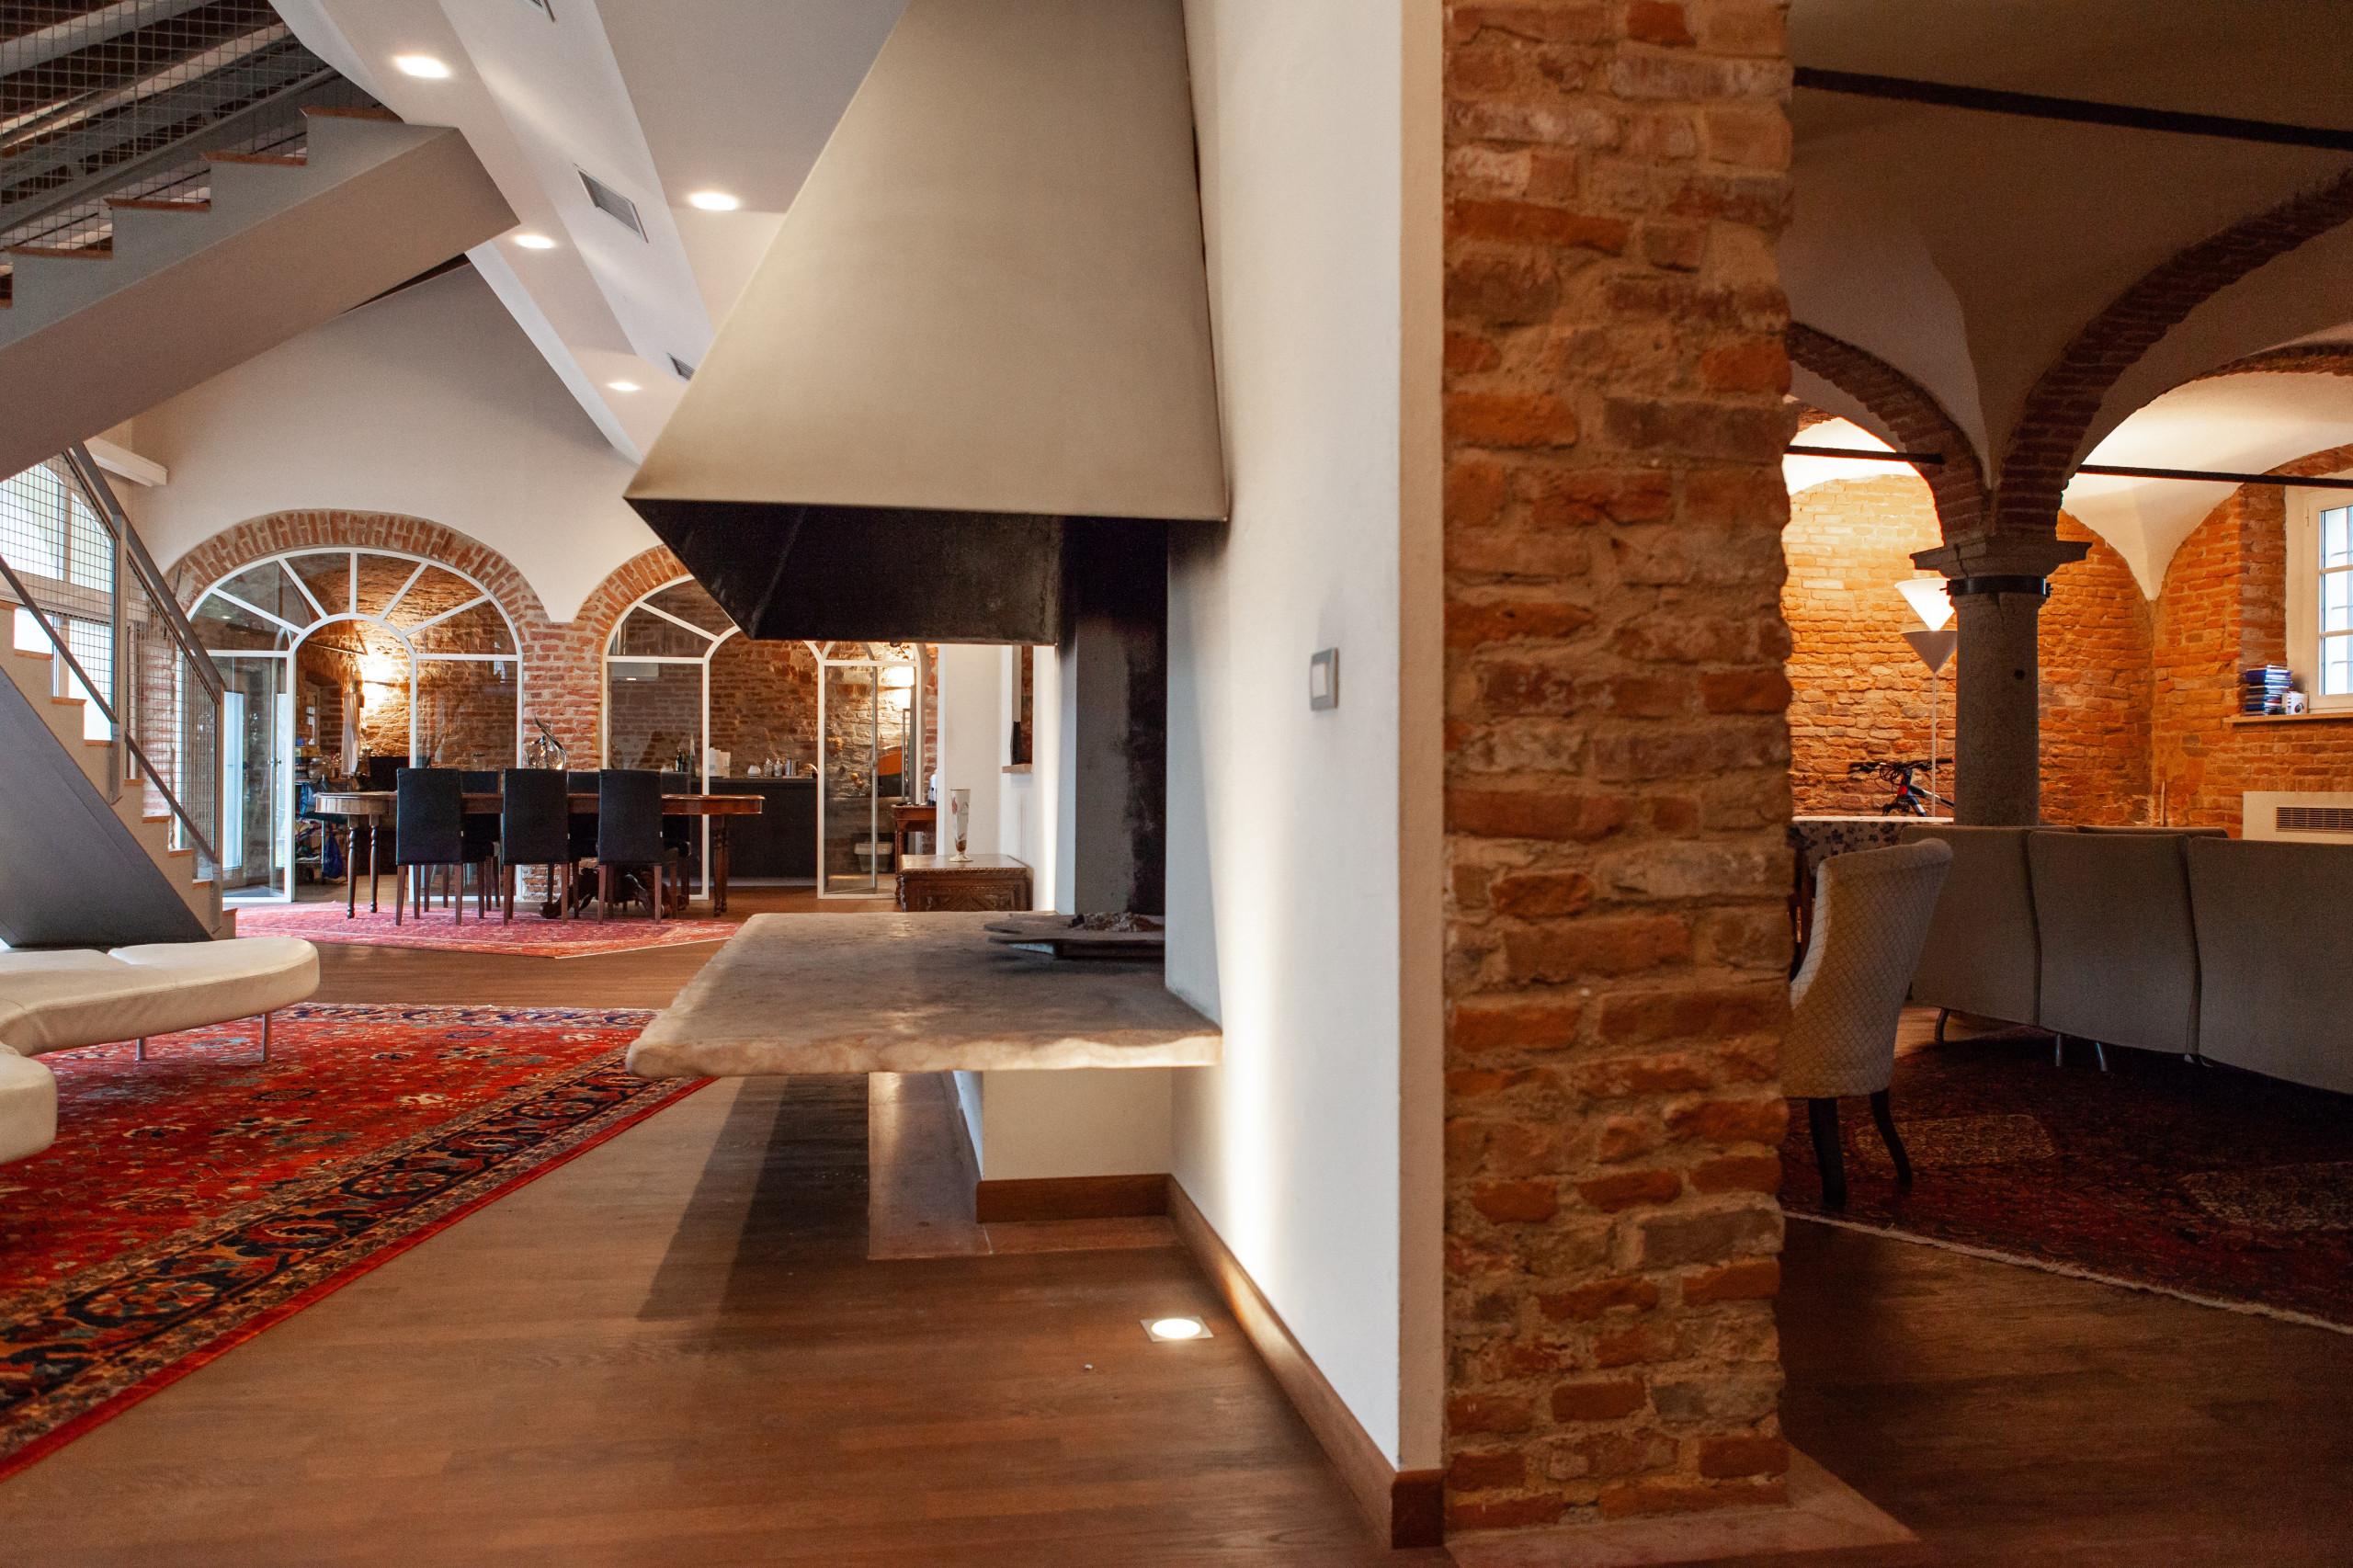 Una villa in città | Ristrutturazione completa 250 mq